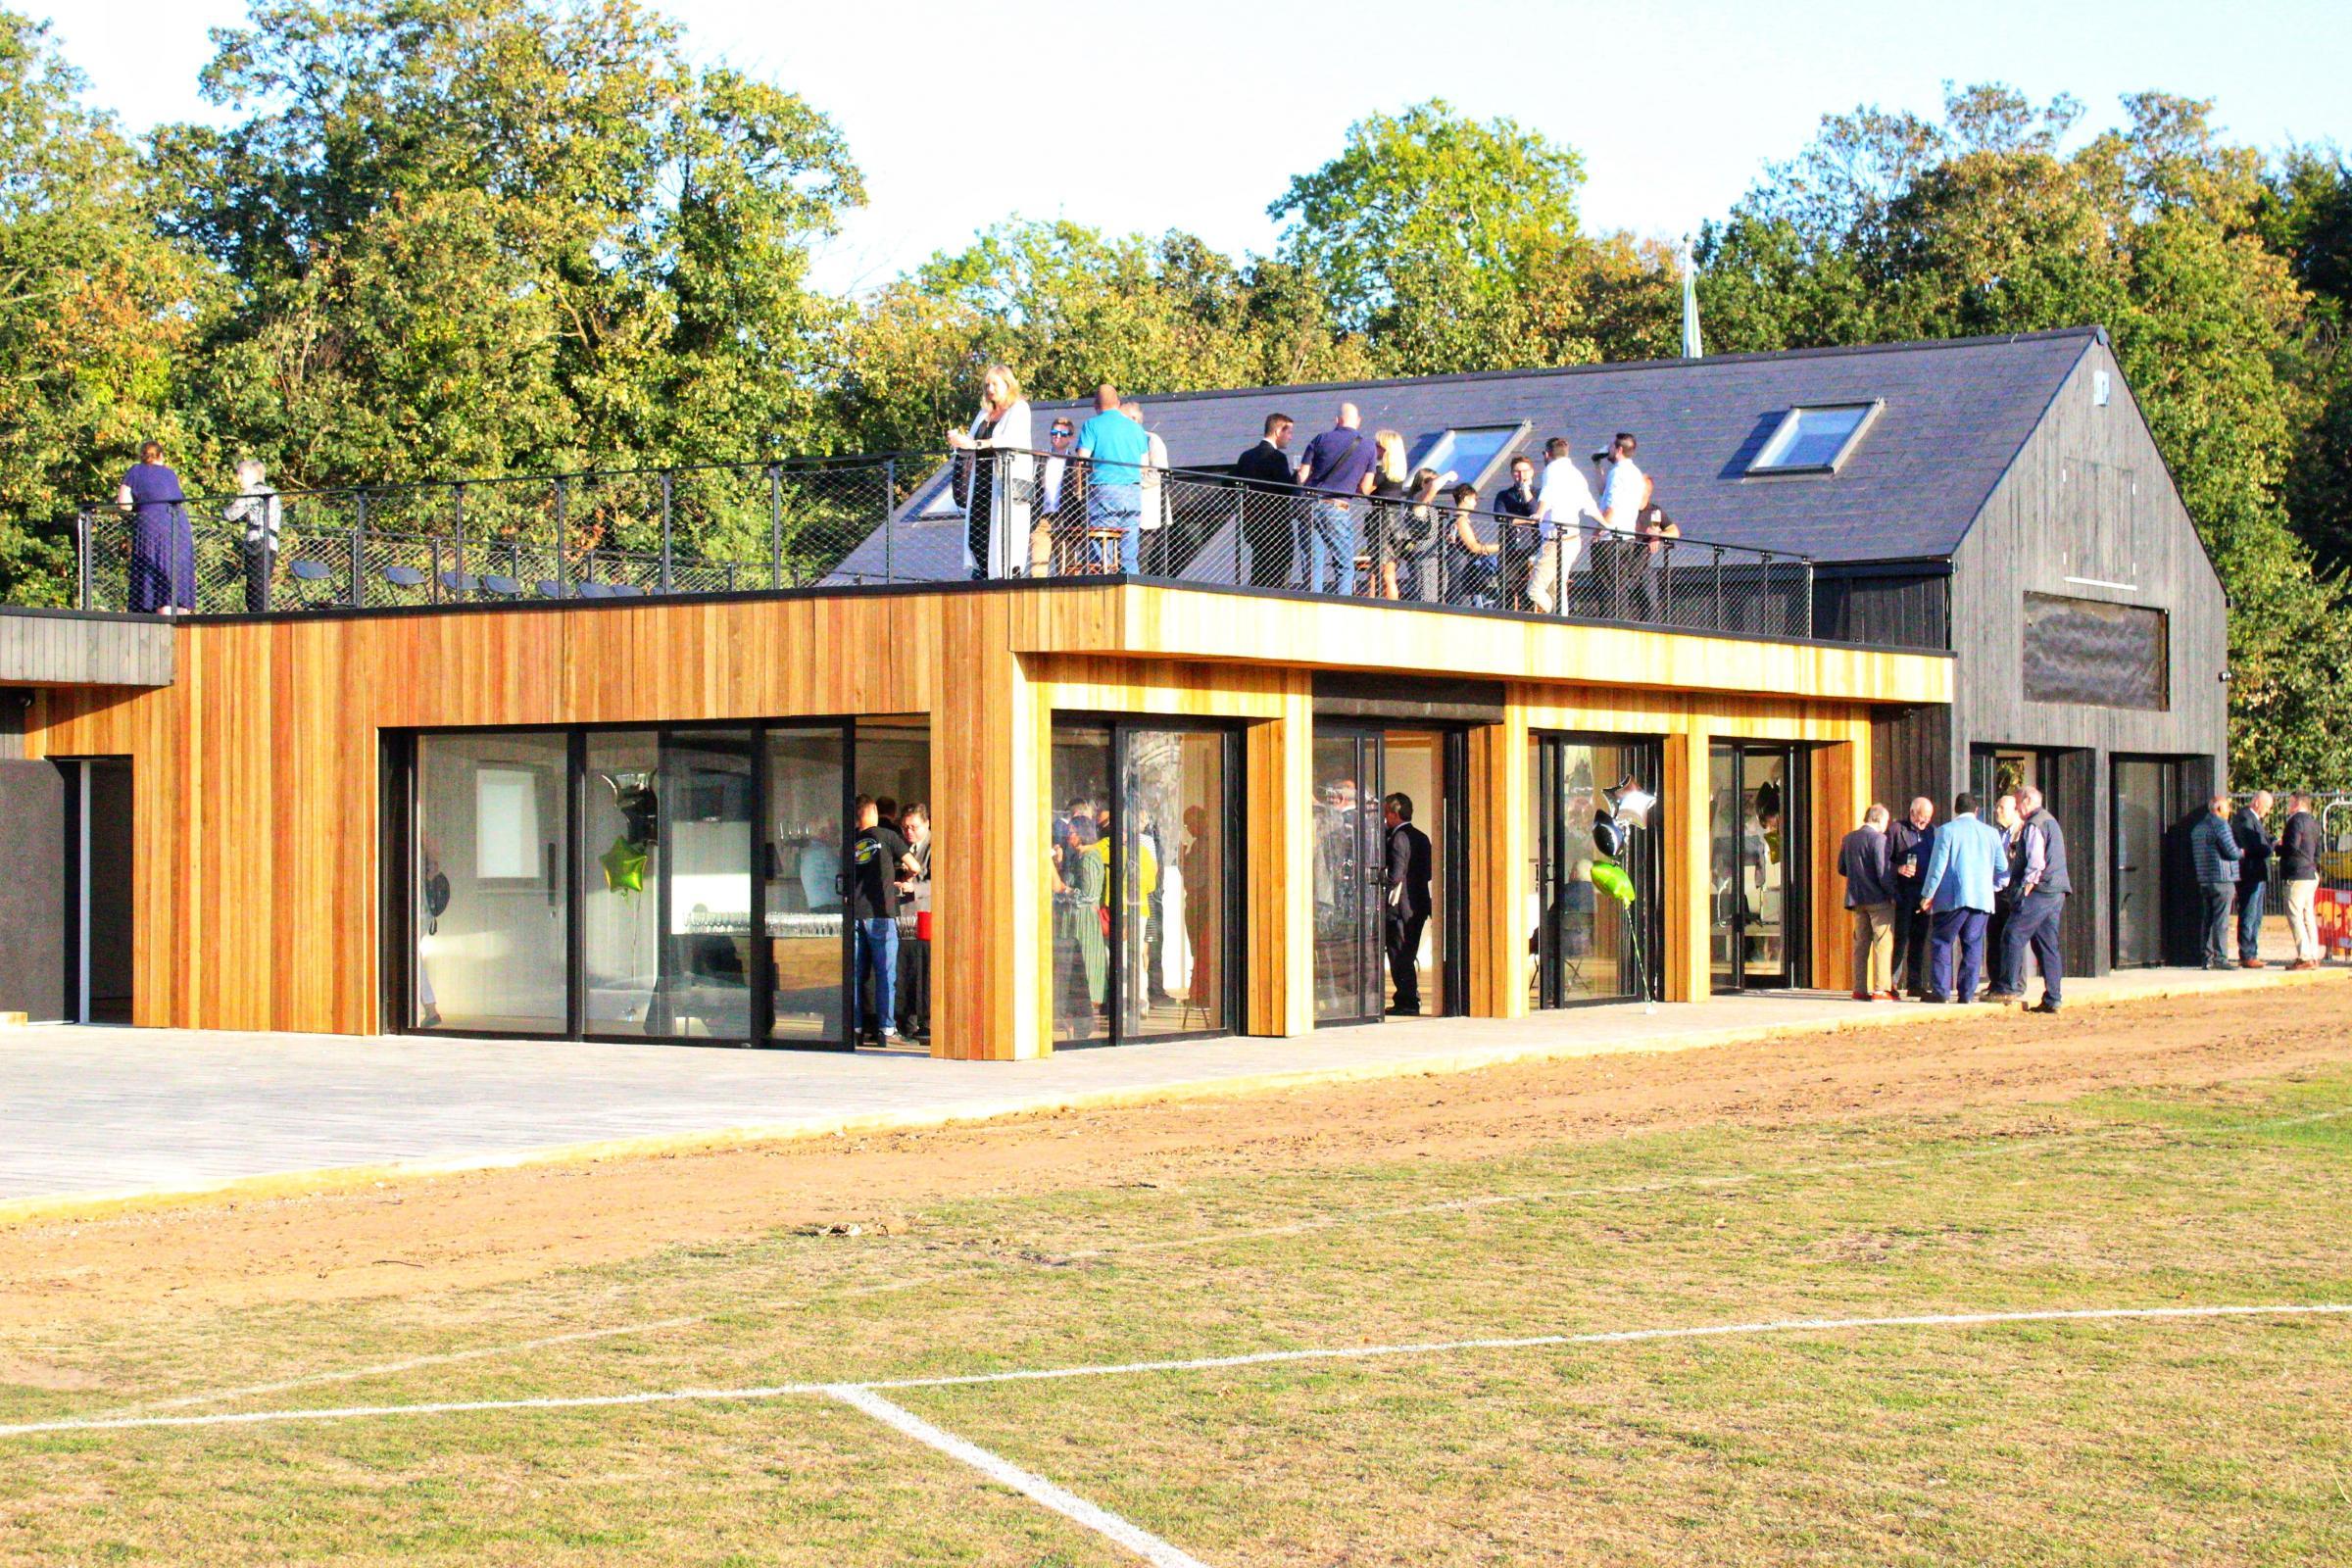 Teddingtons New Pavilion Finally Unveiled In Bushy Park